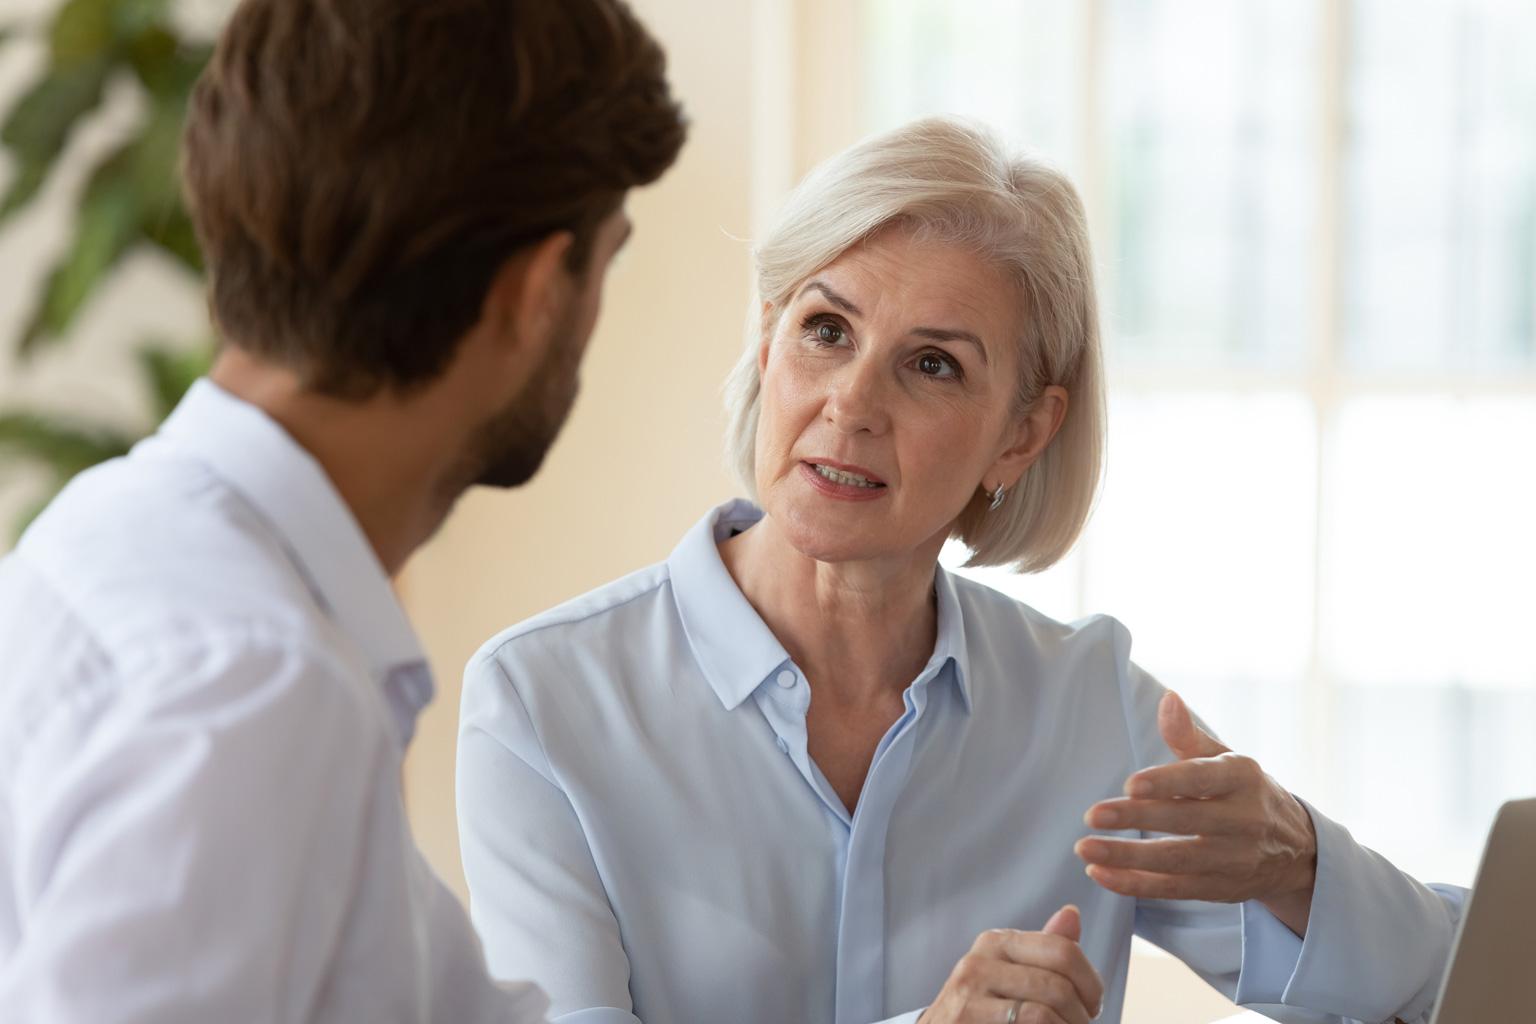 Kobieta manager w szpitalu w którym jest Progmedica rozmawia z pracownikiem